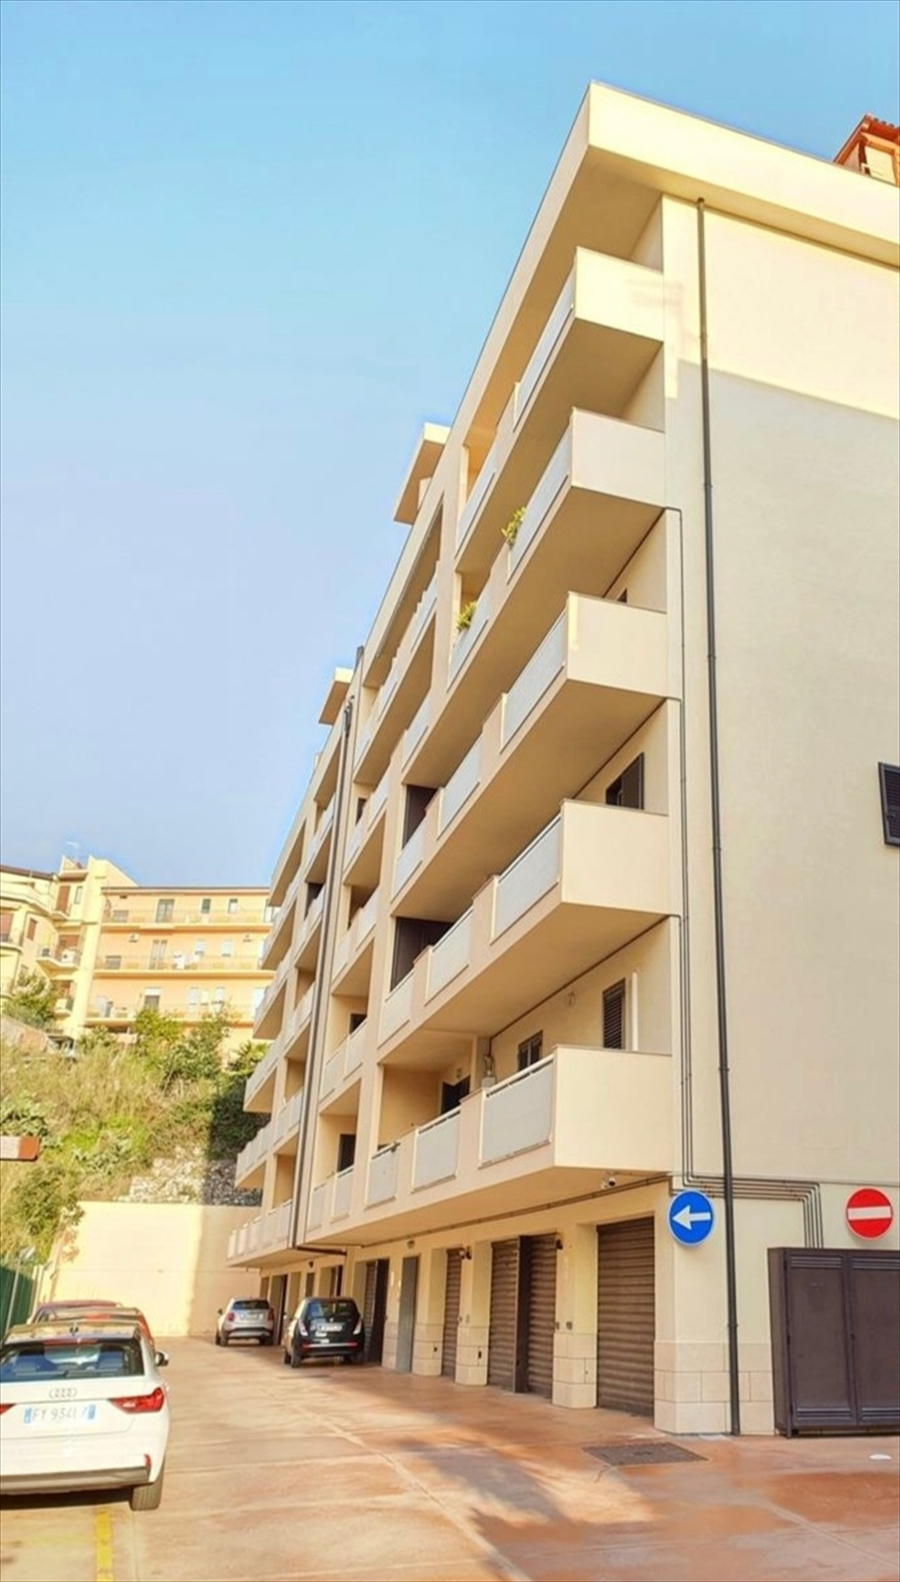 Appartamento in vendita a Reggio Calabria, 3 locali, prezzo € 135.000 | CambioCasa.it